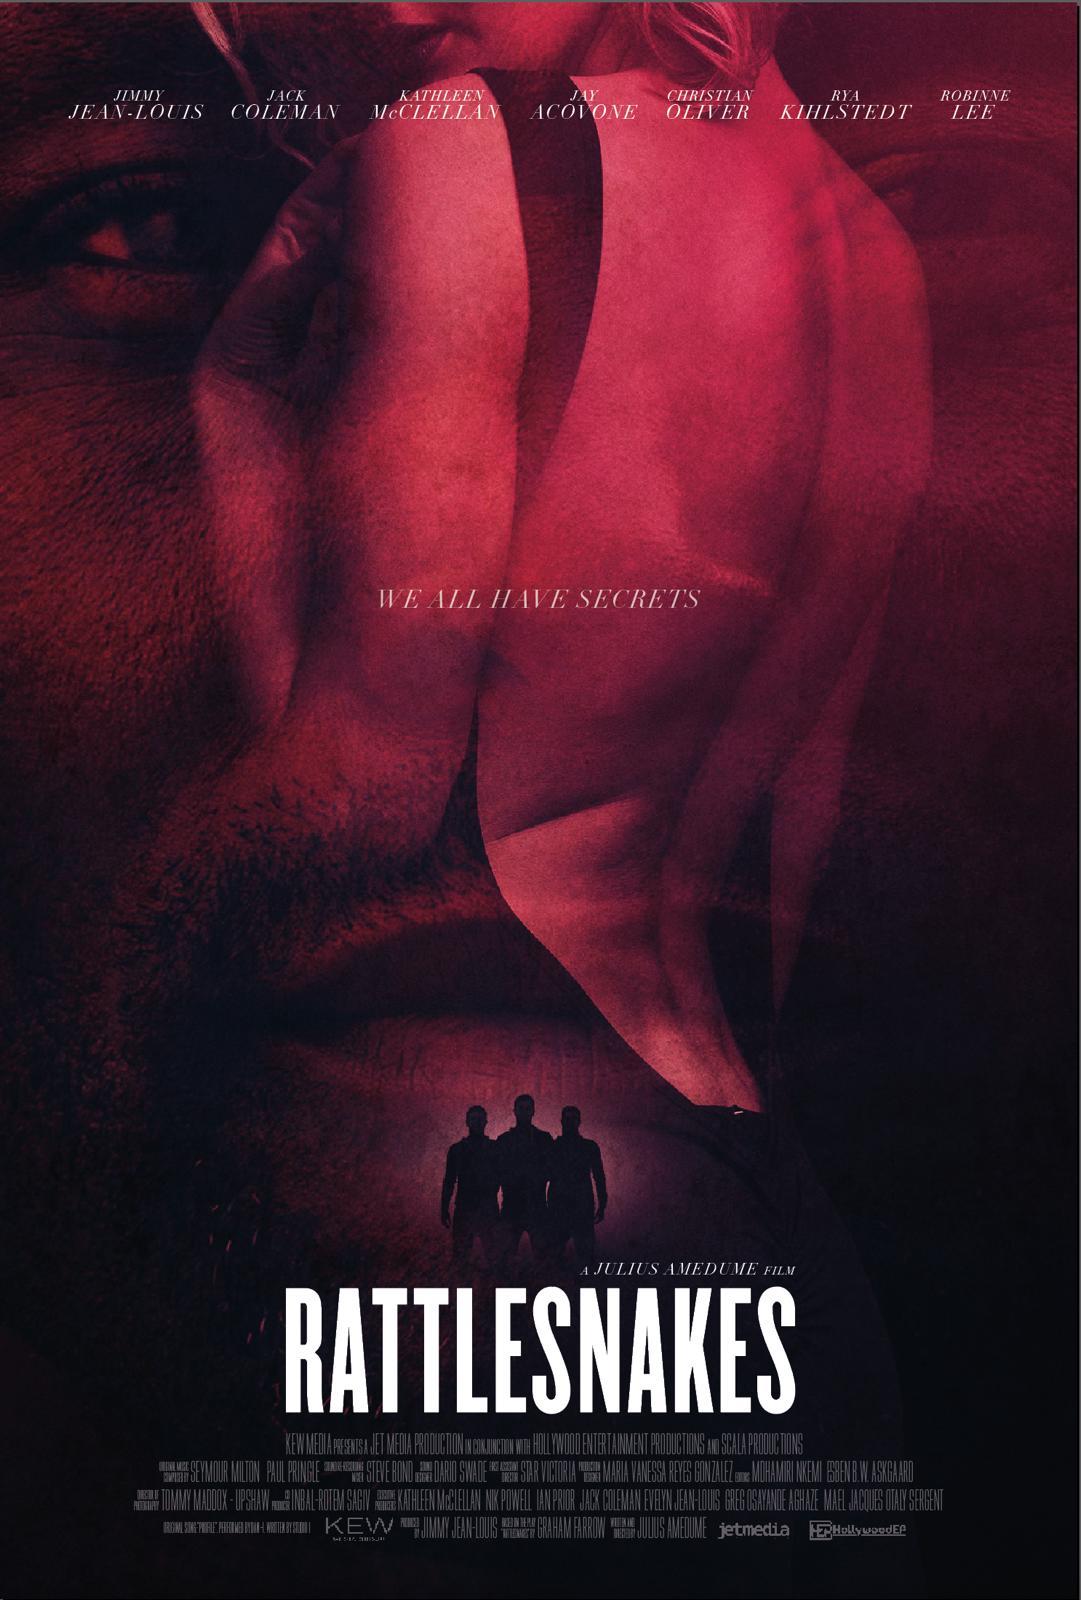 Rattlesnakes - Poster.jpeg